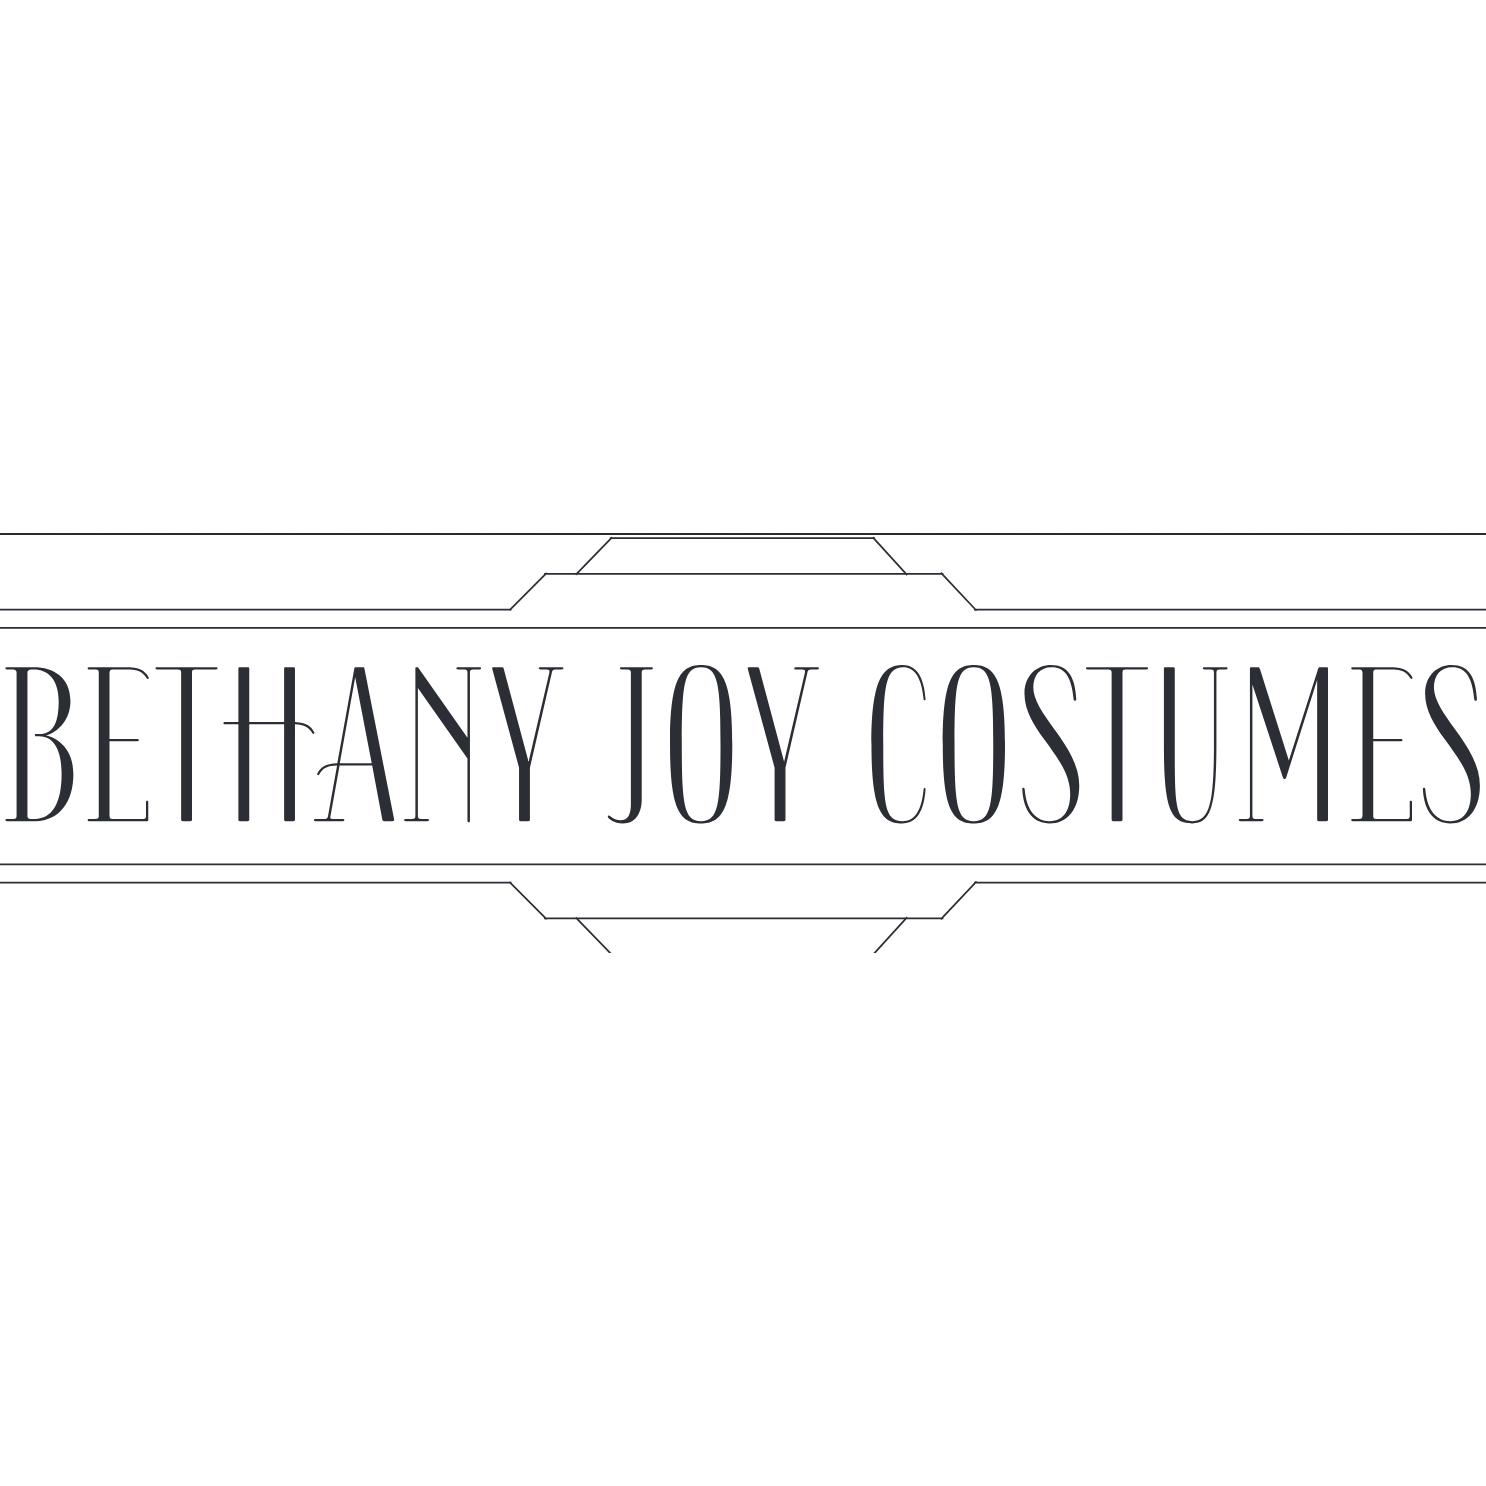 Bethany Joy Costumes